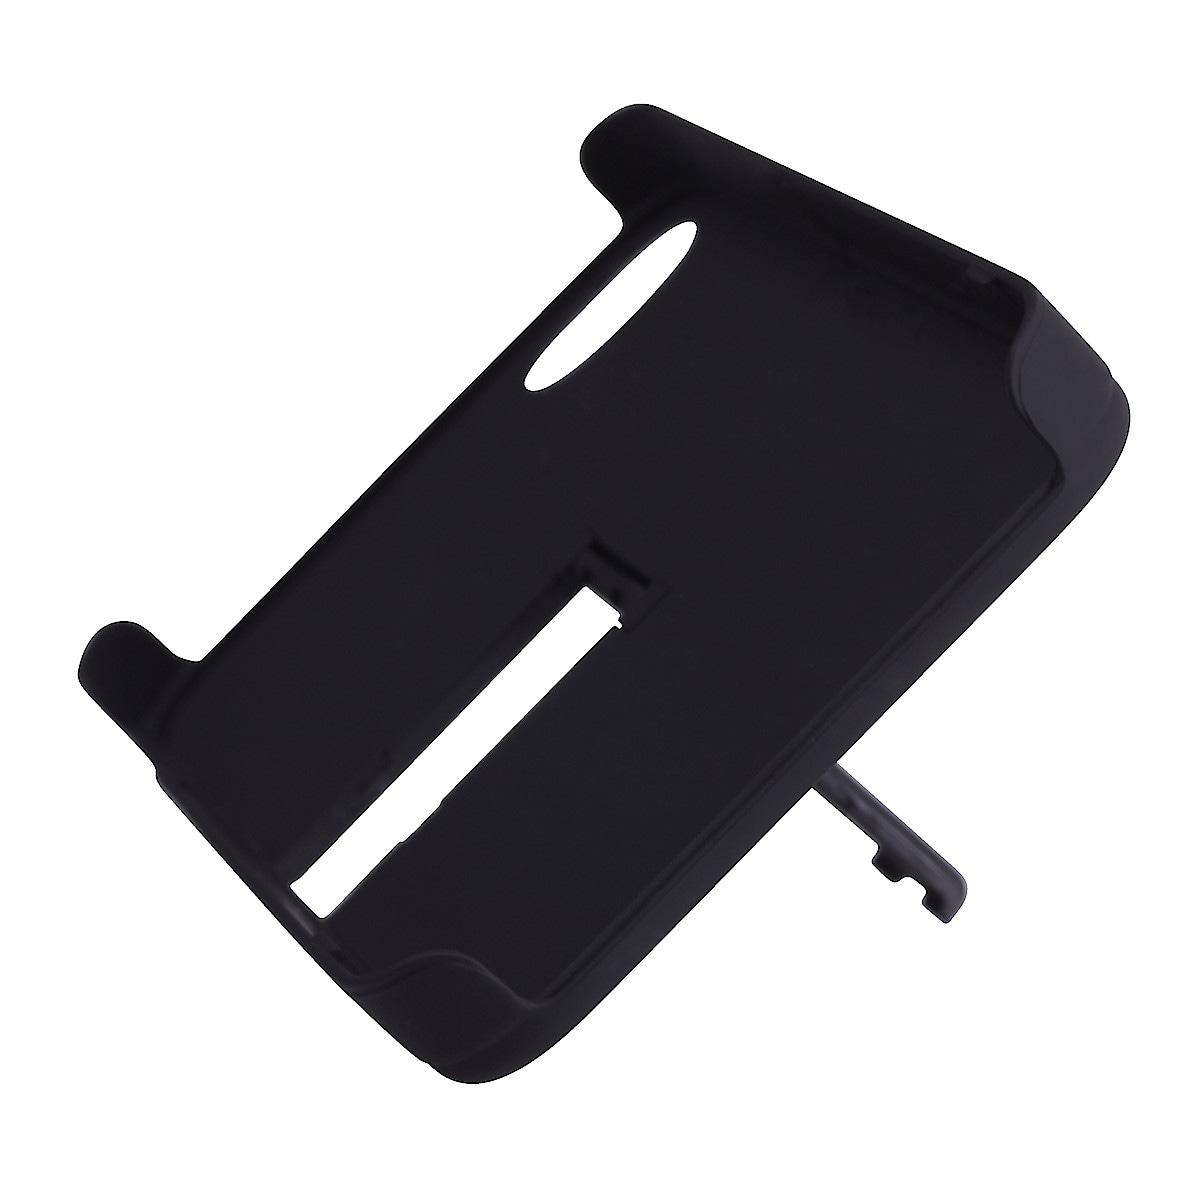 Skal för iPhone 4/4S